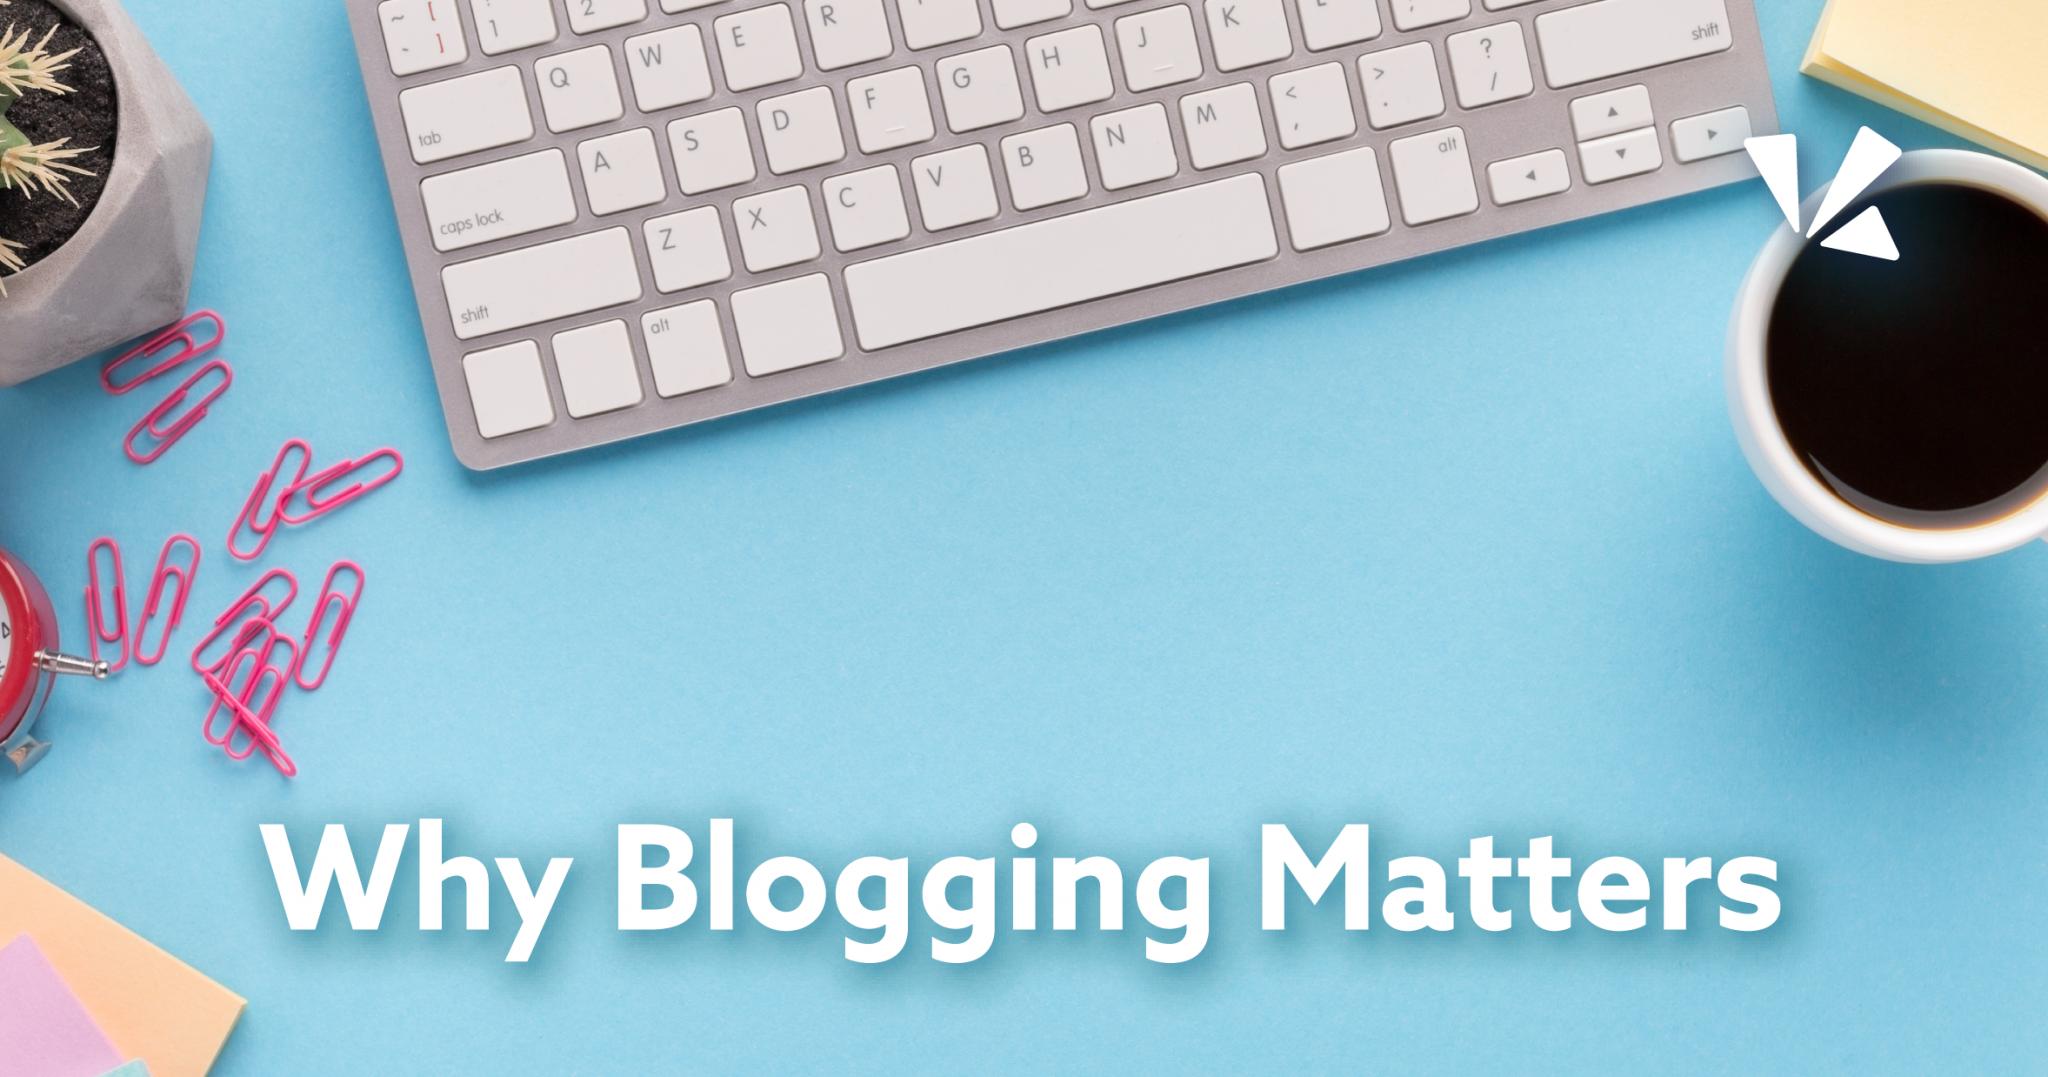 Why blogging matters blog header